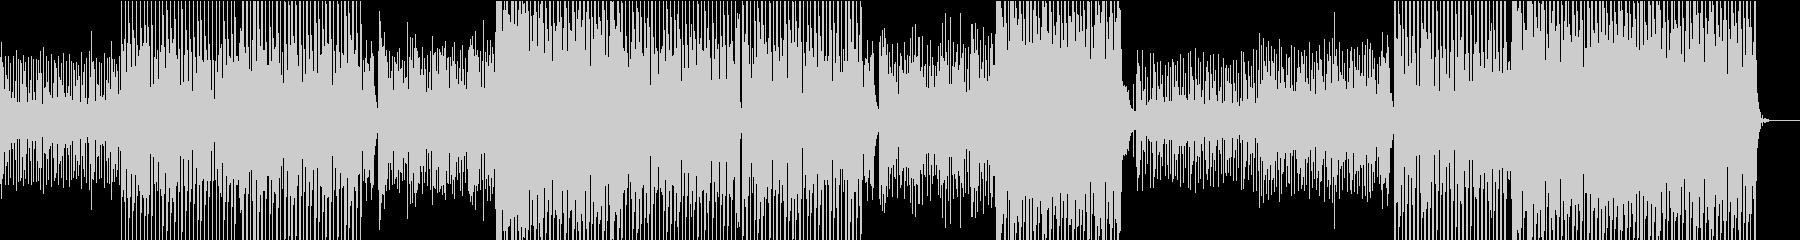 楽しくて遊び心のあるこのEDMの曲...の未再生の波形